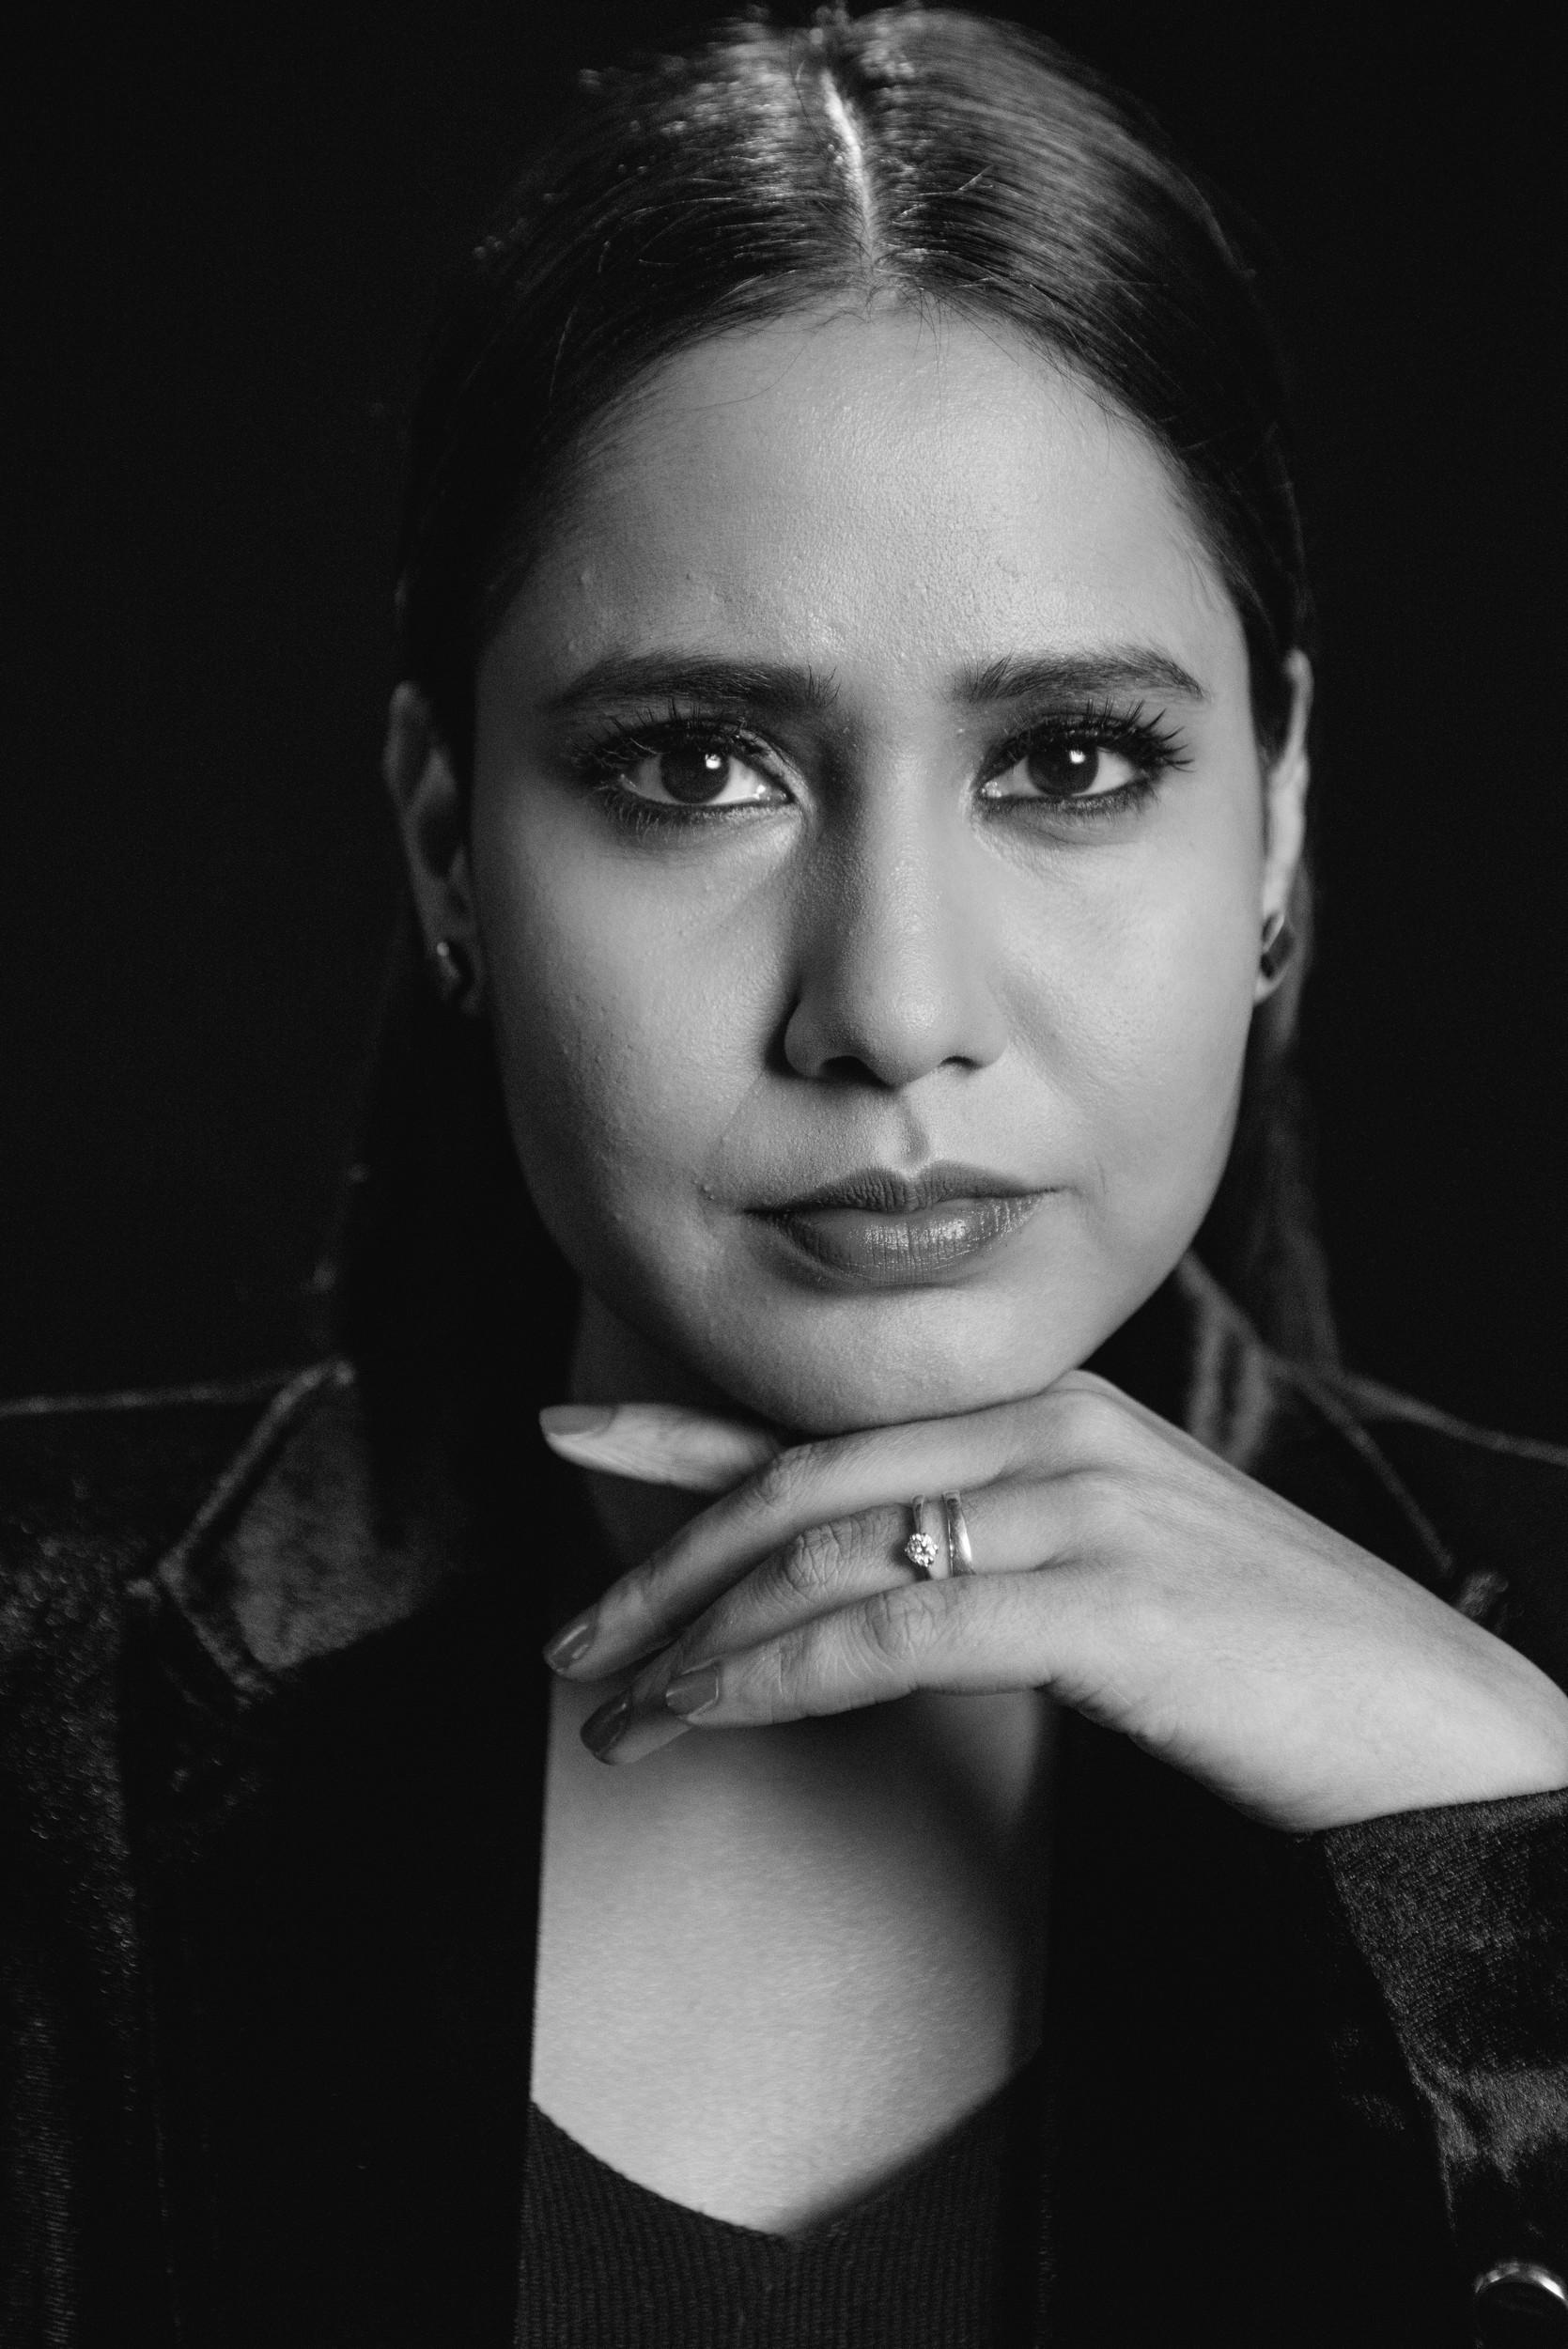 Nirmika Singh